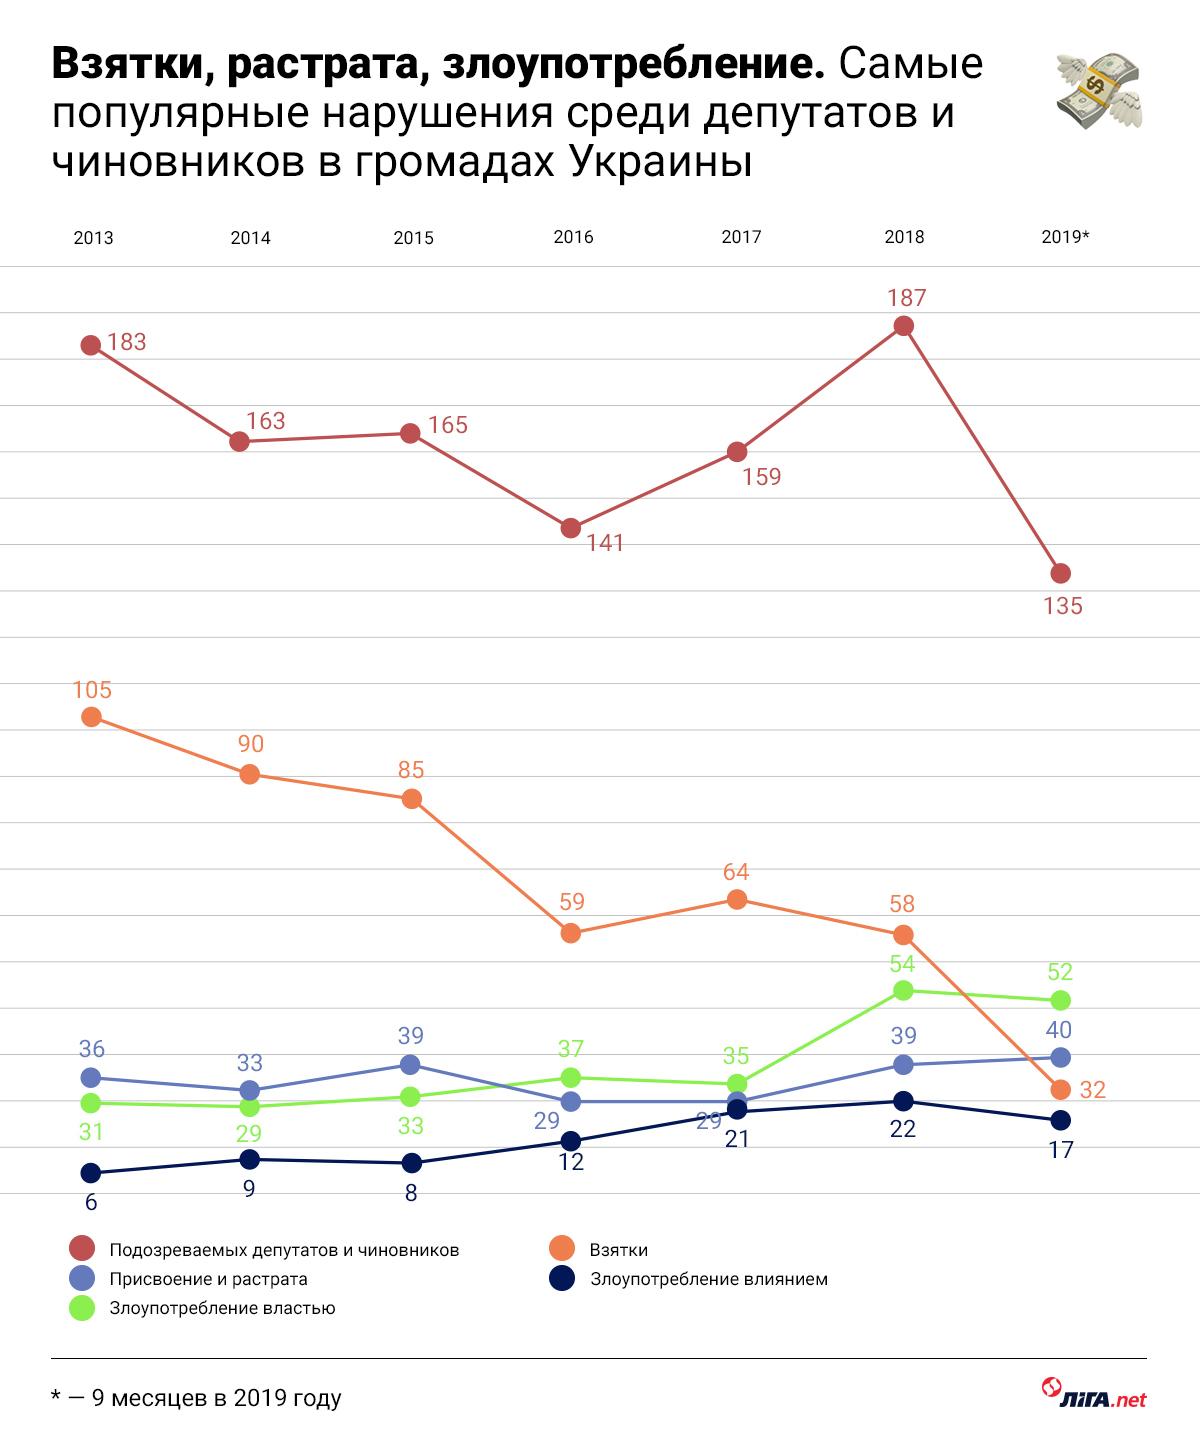 Вырубка, дороги, ремонт. На чем воруют в громадах Украины: три графика